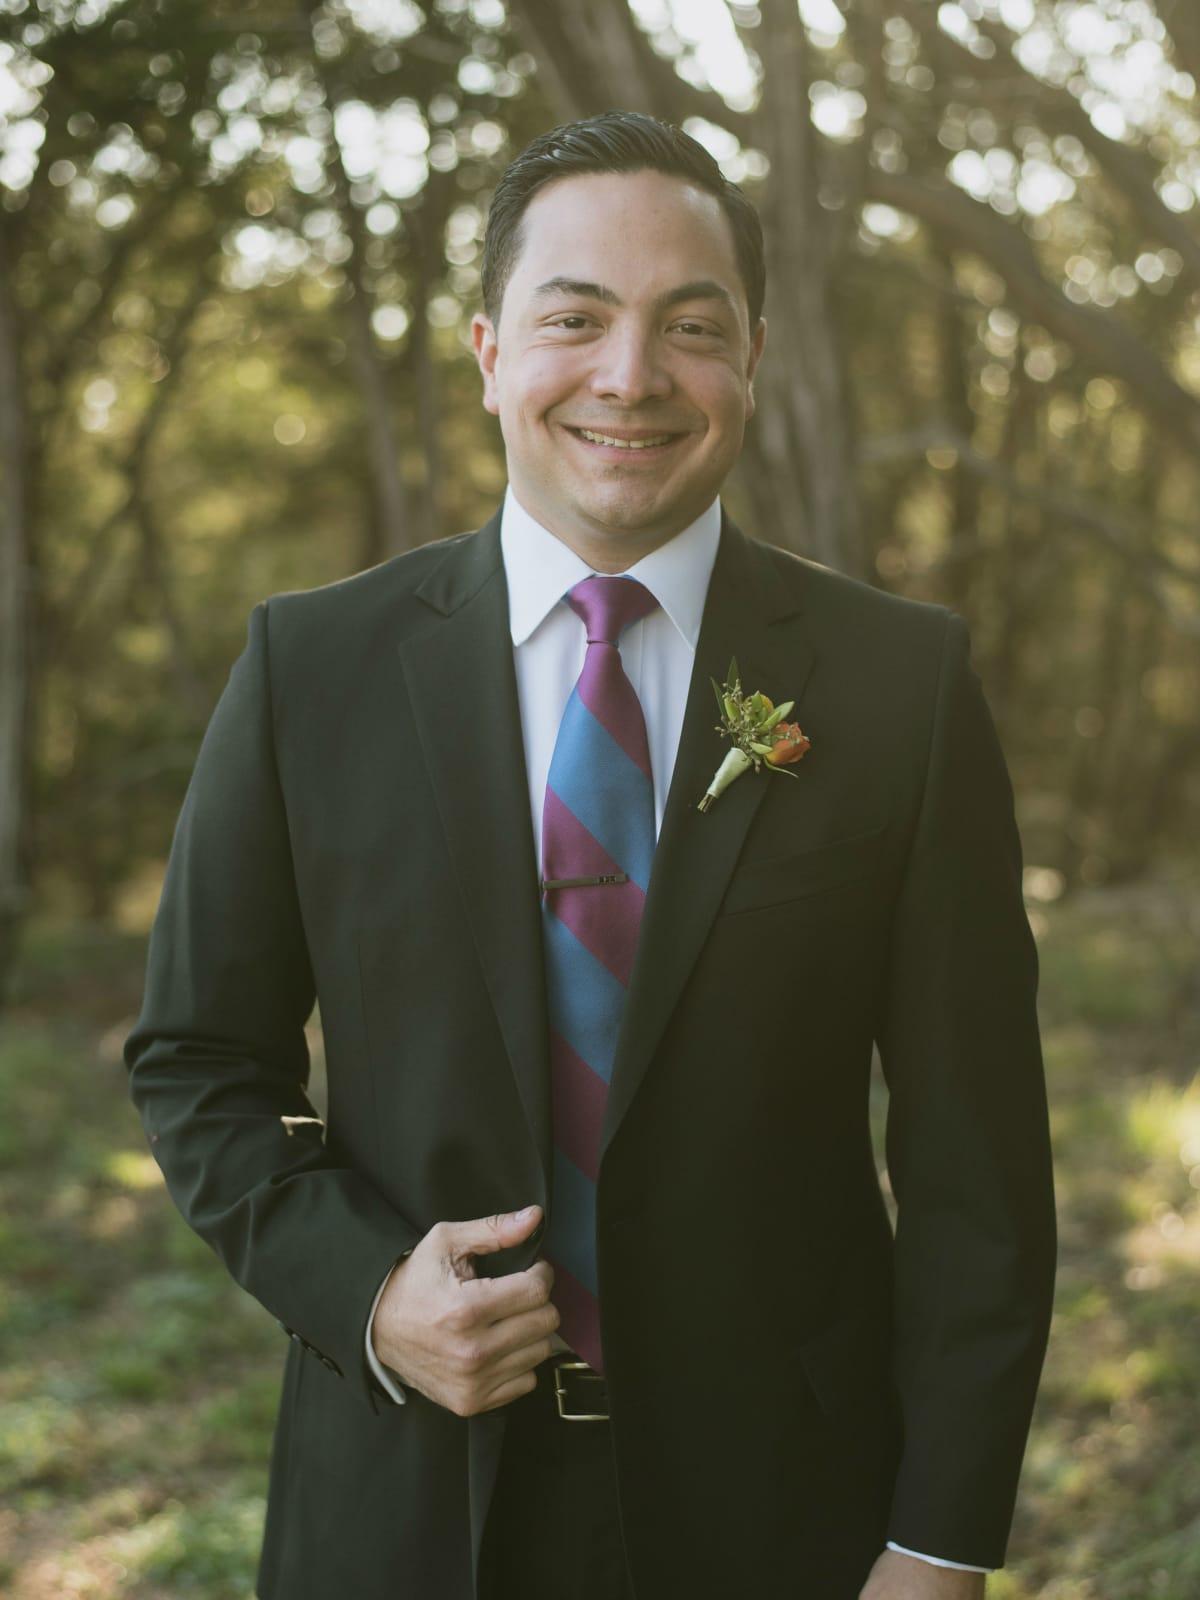 Heritage House wedding groom